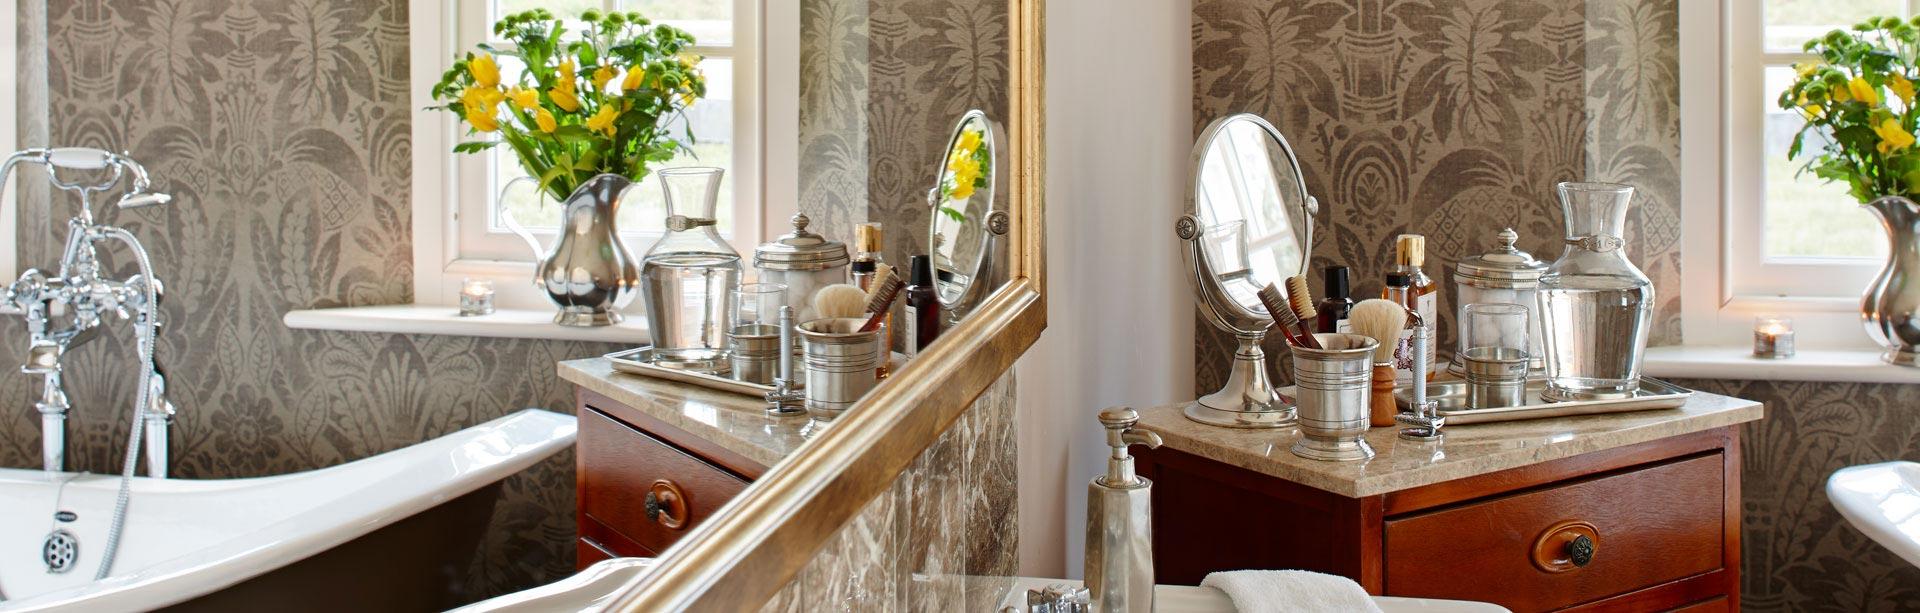 Oggetti per il bagno fatti in Italia